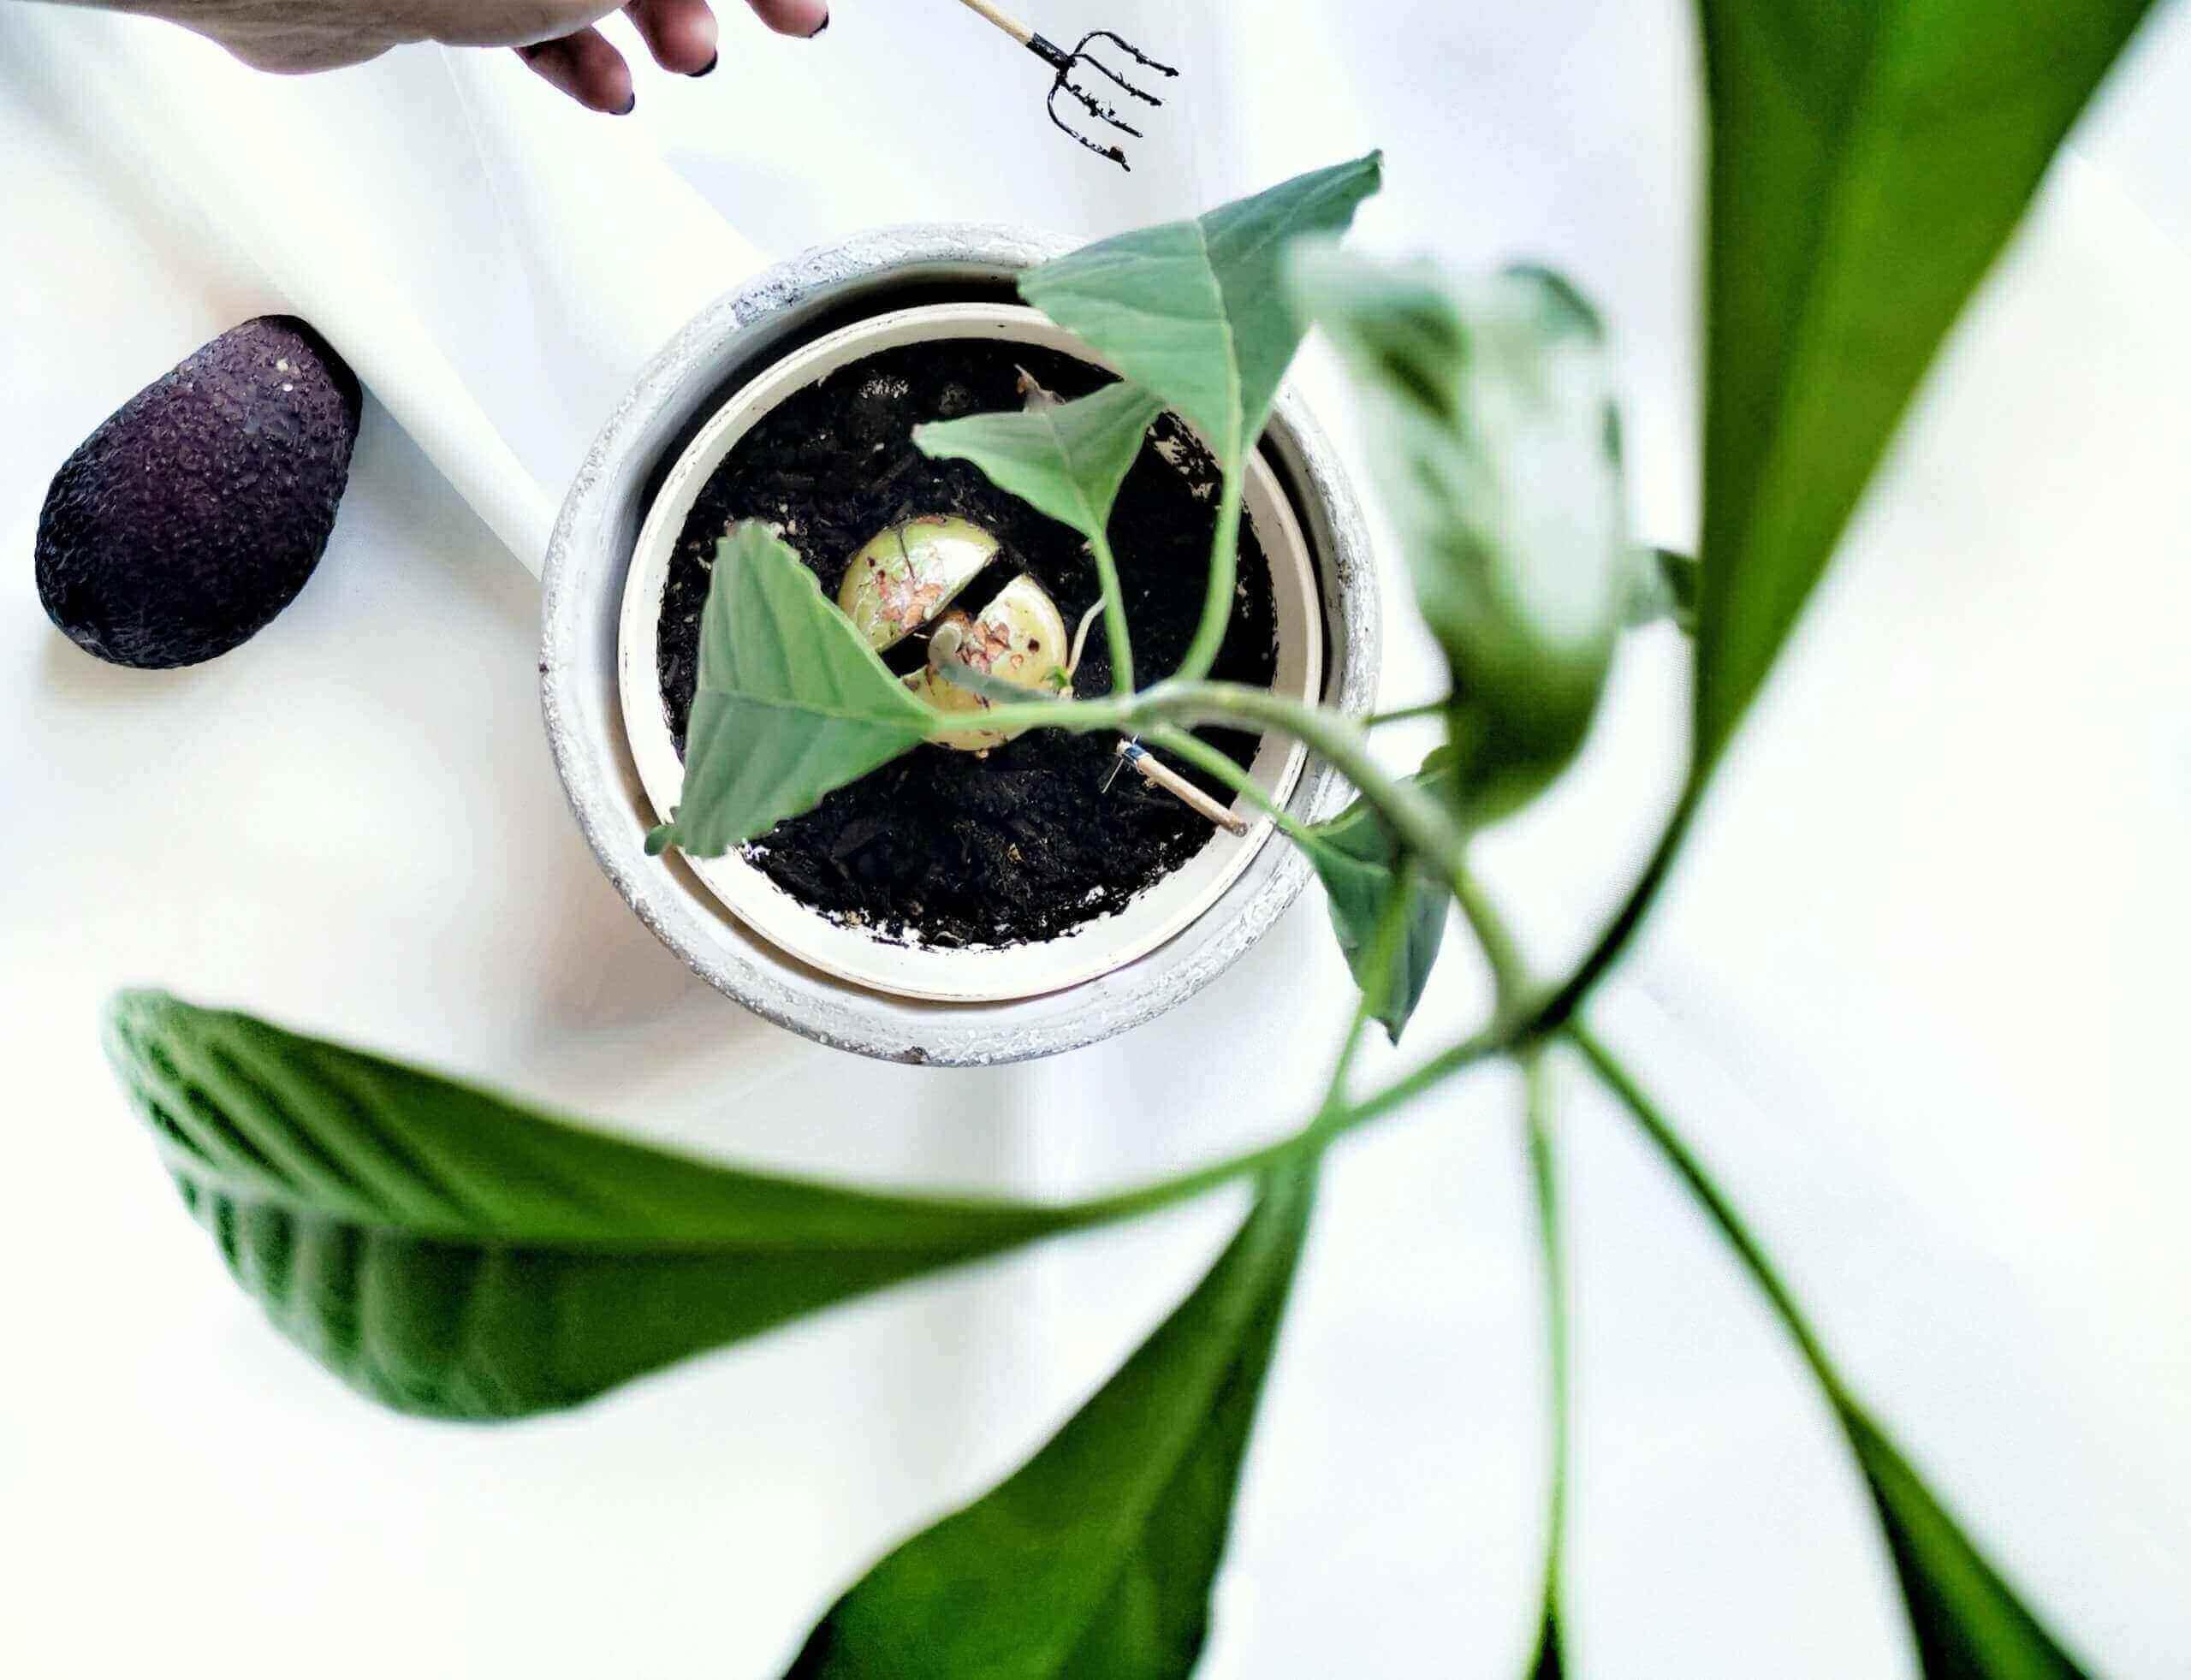 IMG 20200105 122715 01 1 scaled - Vom Kern zur Pflanze - So züchtet man Avocado!